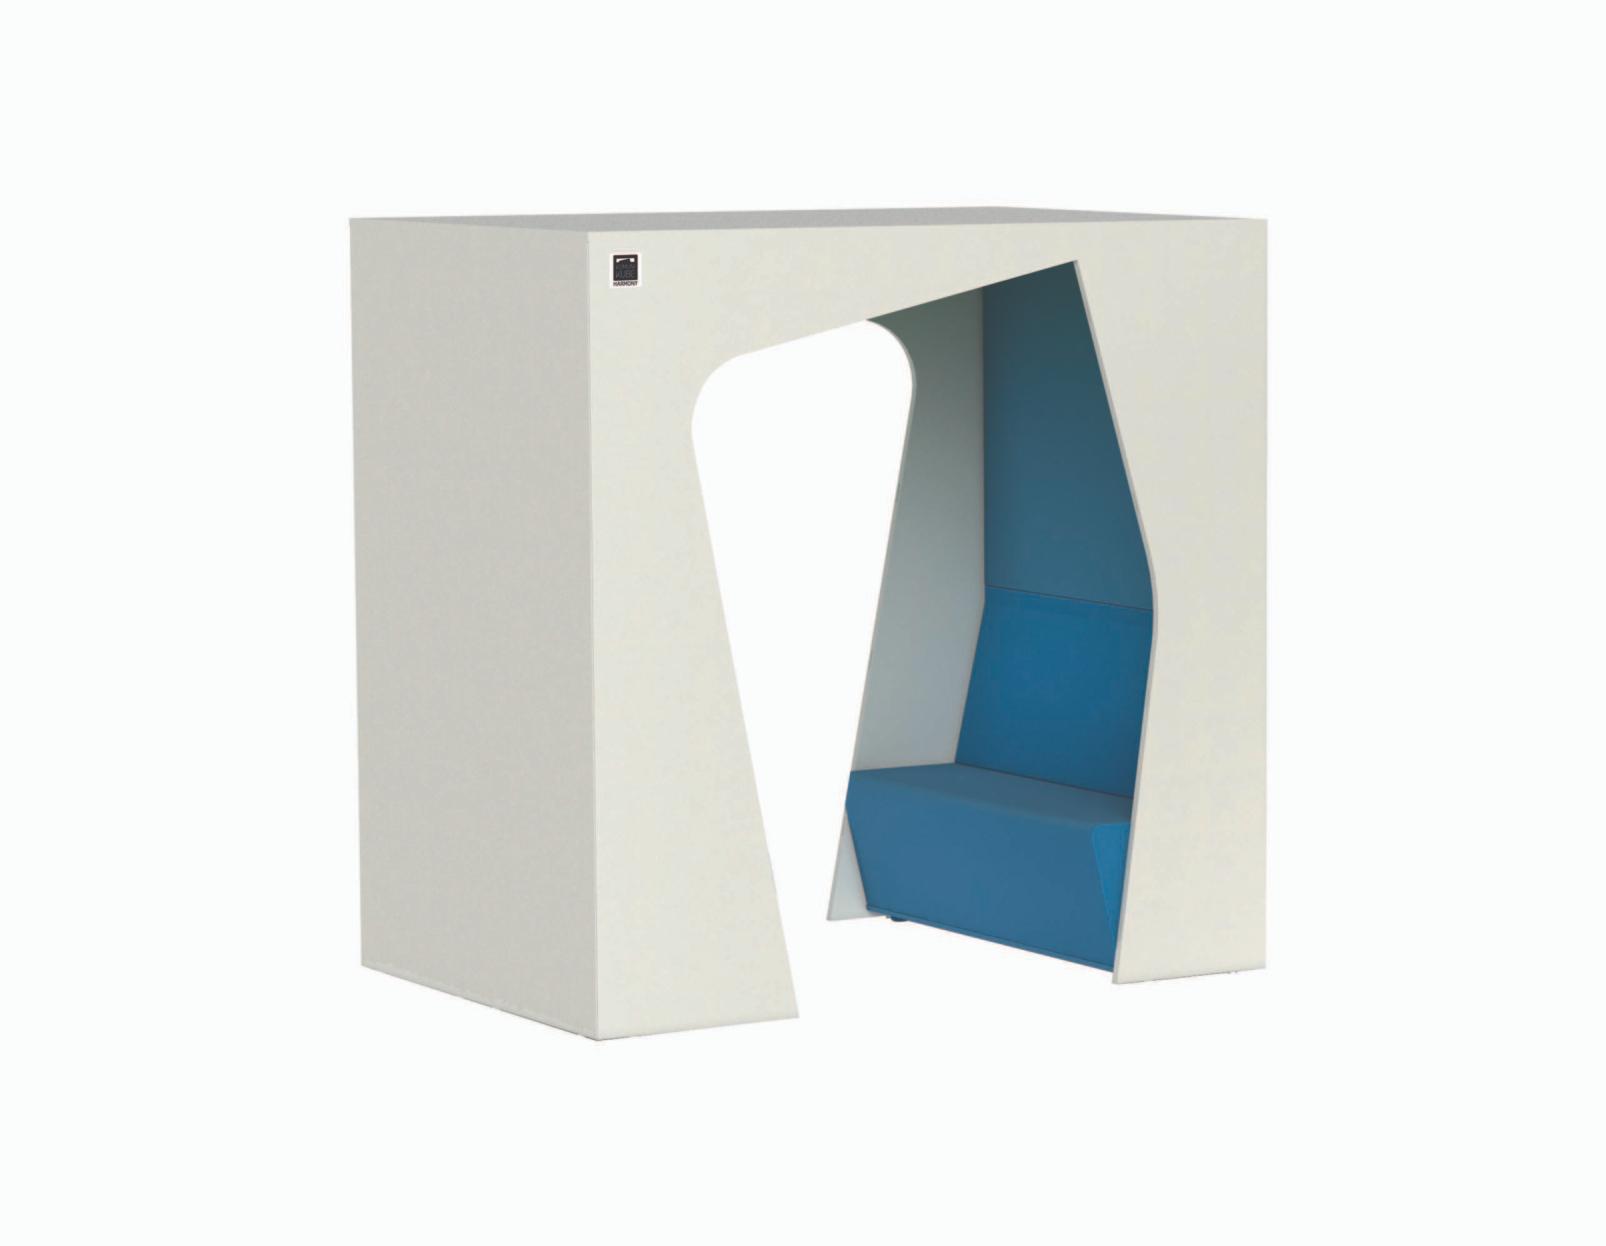 Box Komunikube ouverte pour 2 personnes